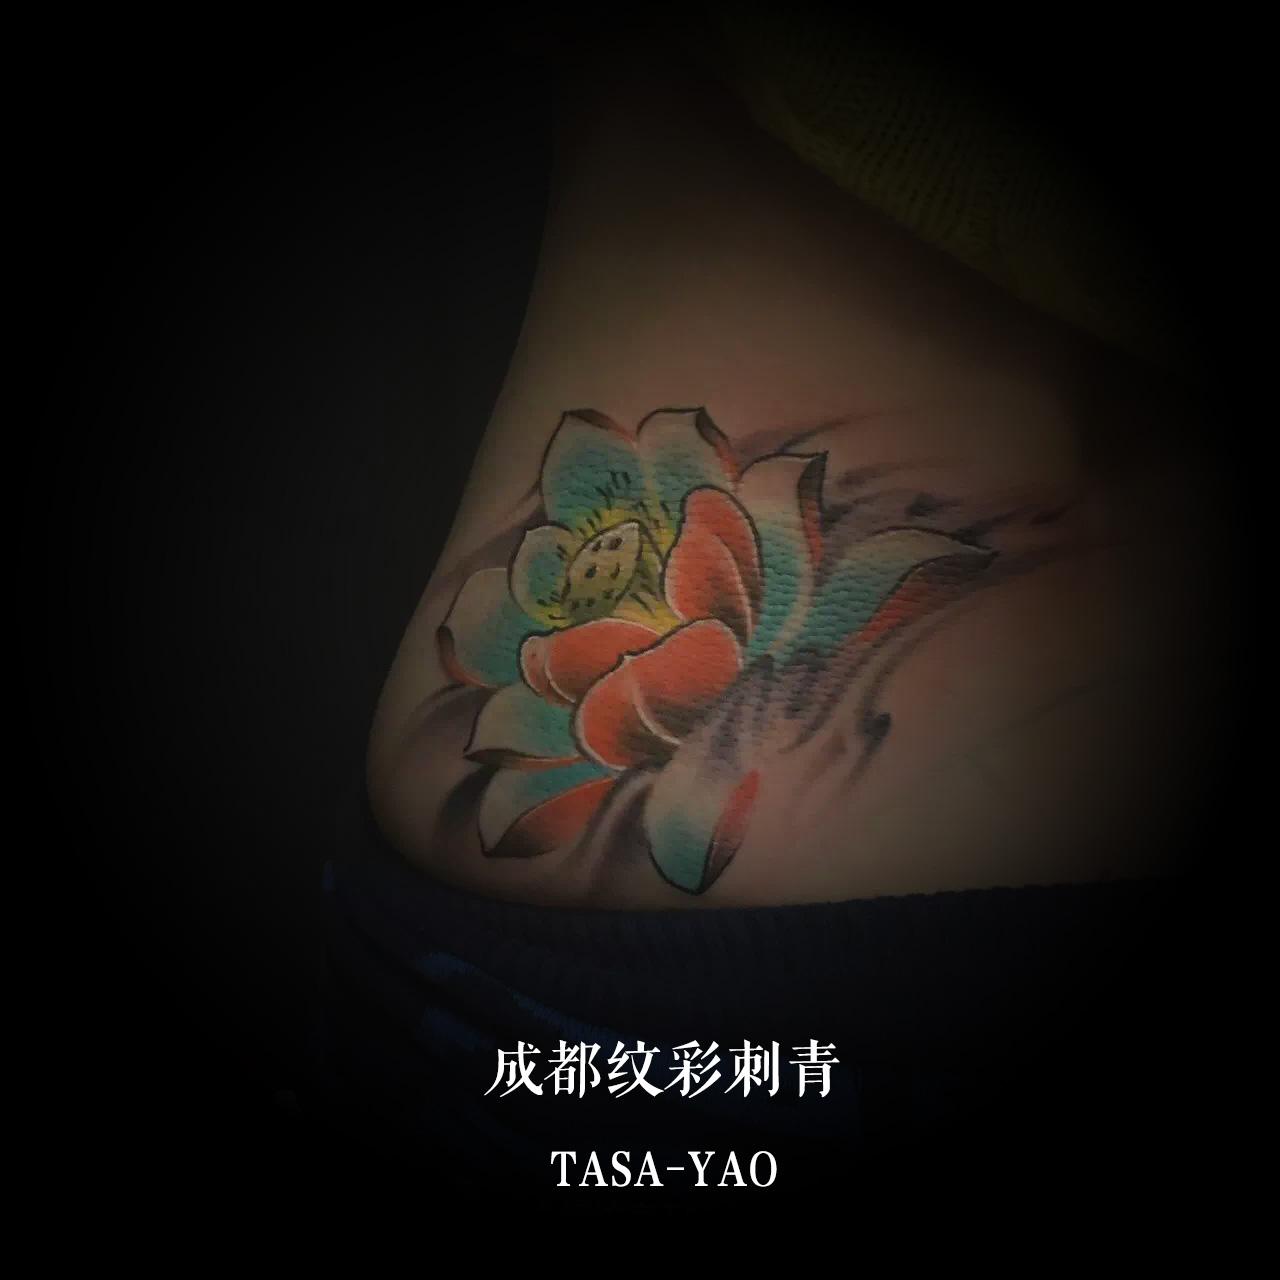 遮盖疤痕的莲花纹身图案